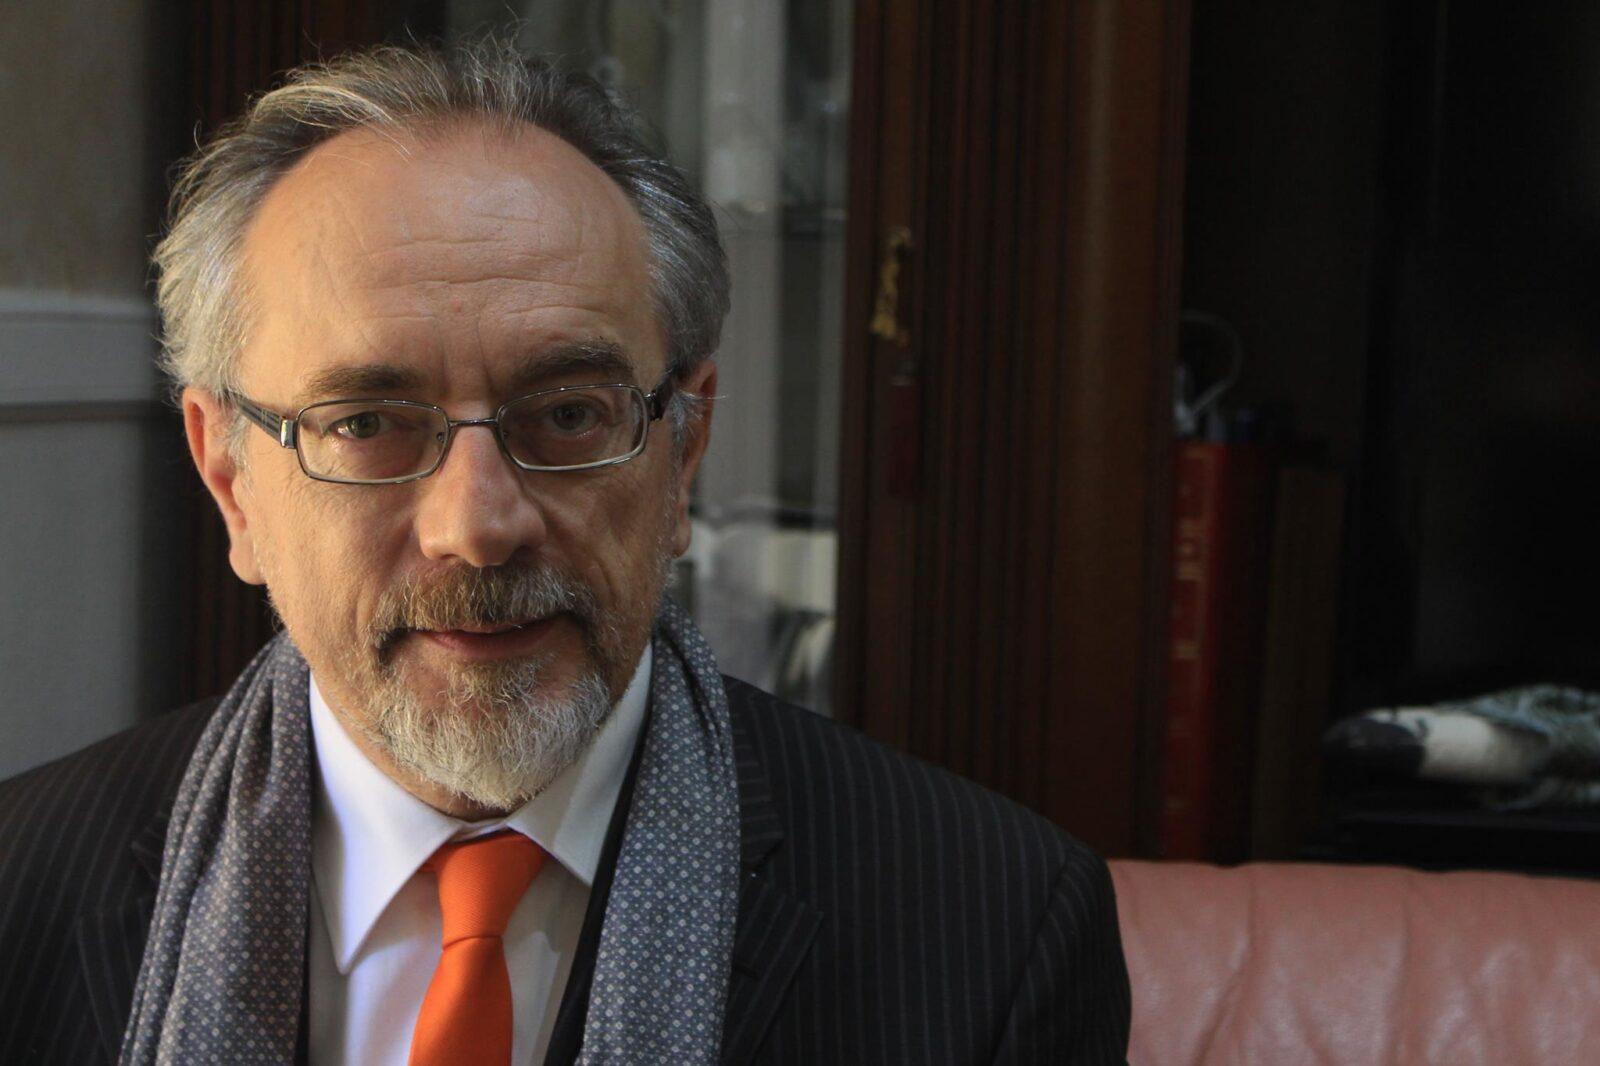 Egidio Grasso